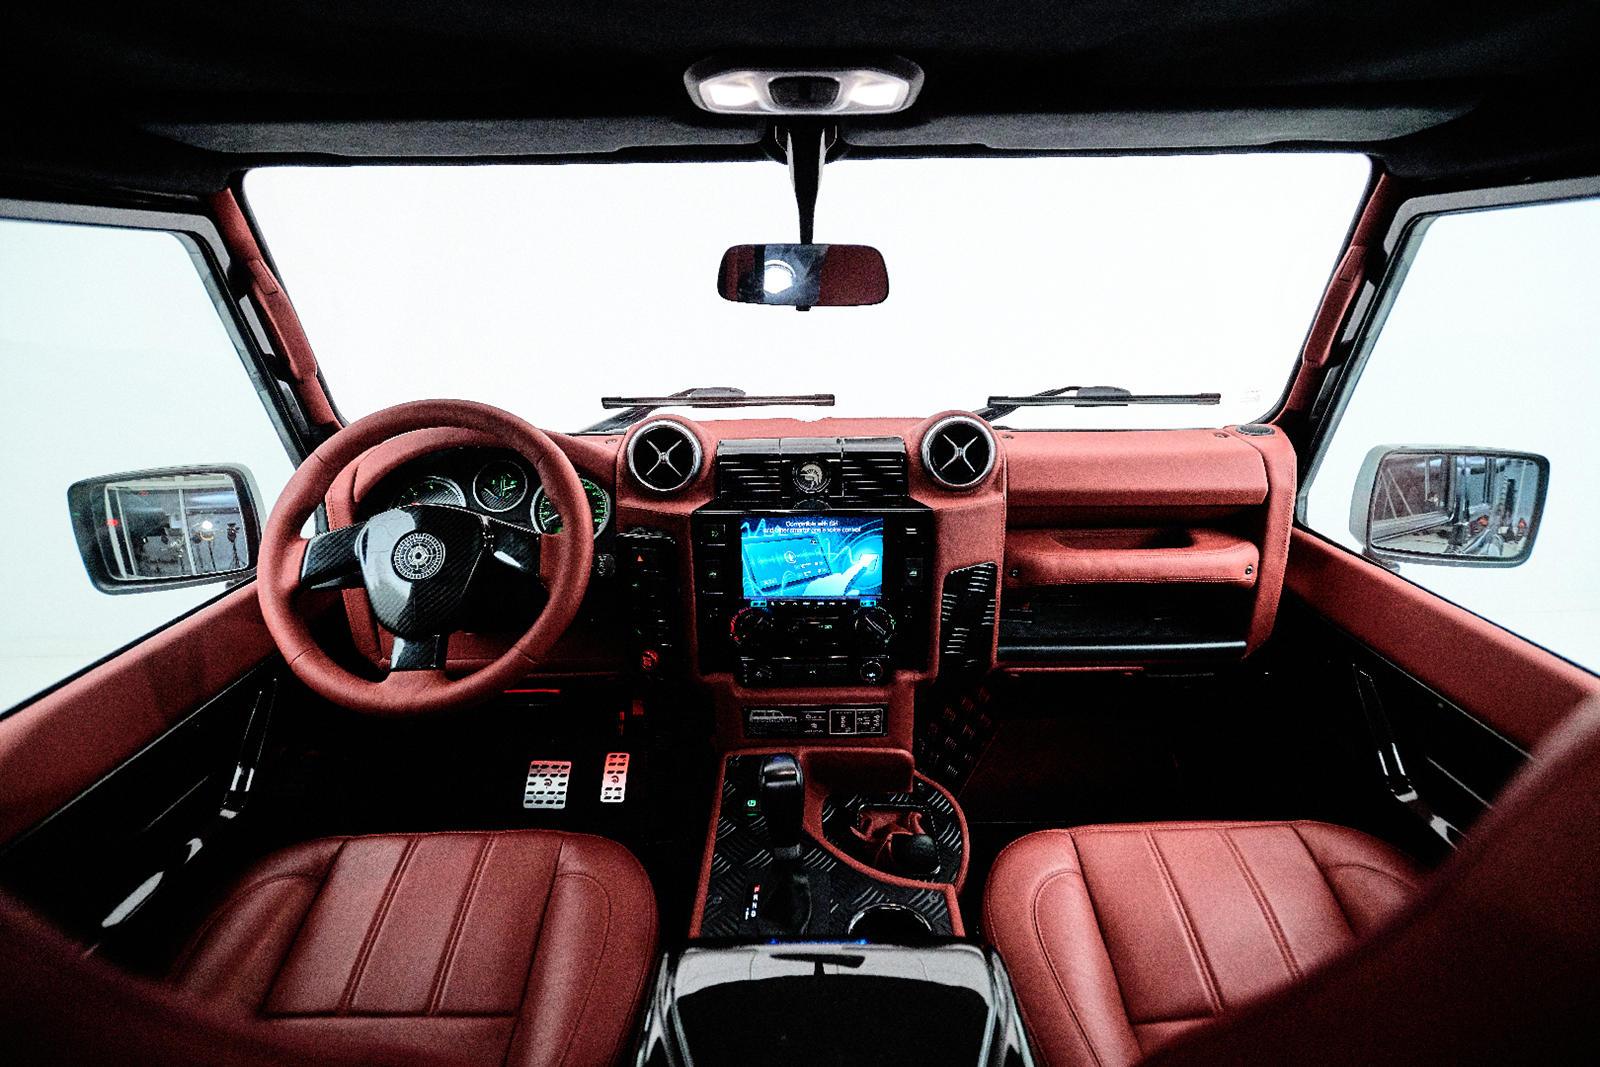 Под капотом старый четырехцилиндровый турбодизельный двигатель Defender заменен двигателем V8 объемом 4750 куб. см, выдающим 280 л.с. и 439 Нм крутящего момента, который передается на все четыре колеса через шестиступенчатую автоматическую коробку пе